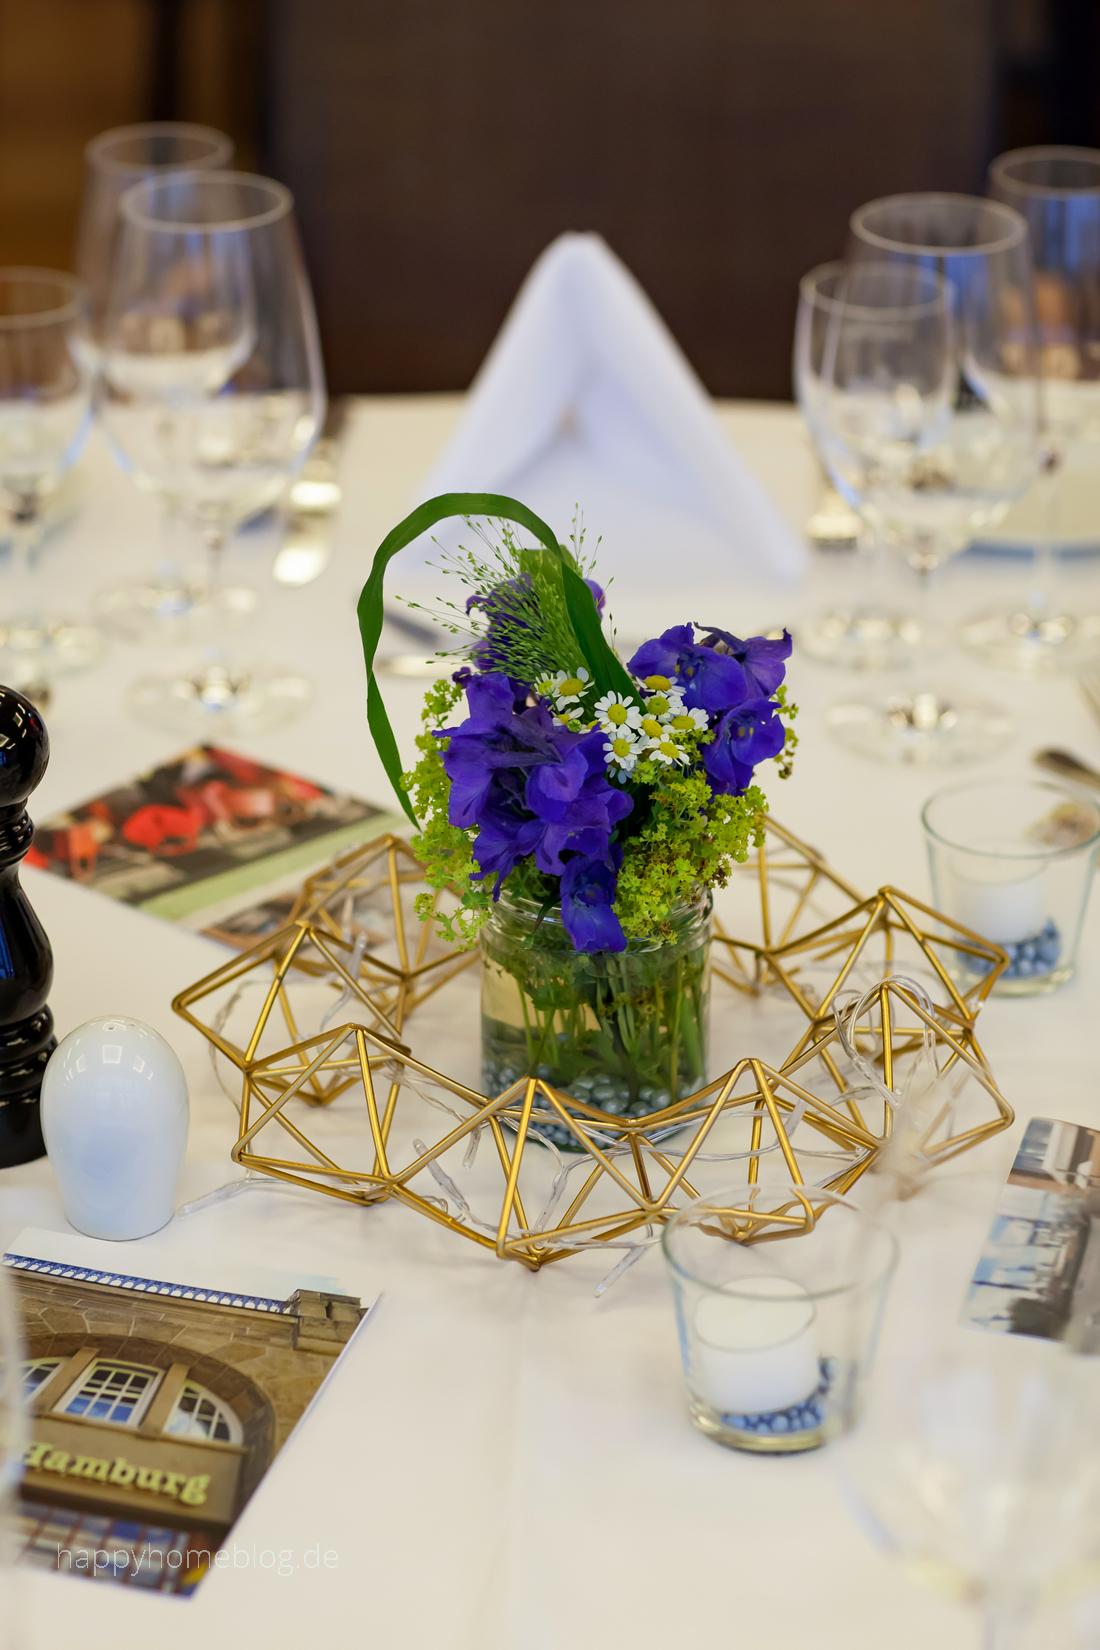 Tischdeko Messing Mit Blau Grun Happyhomeblog